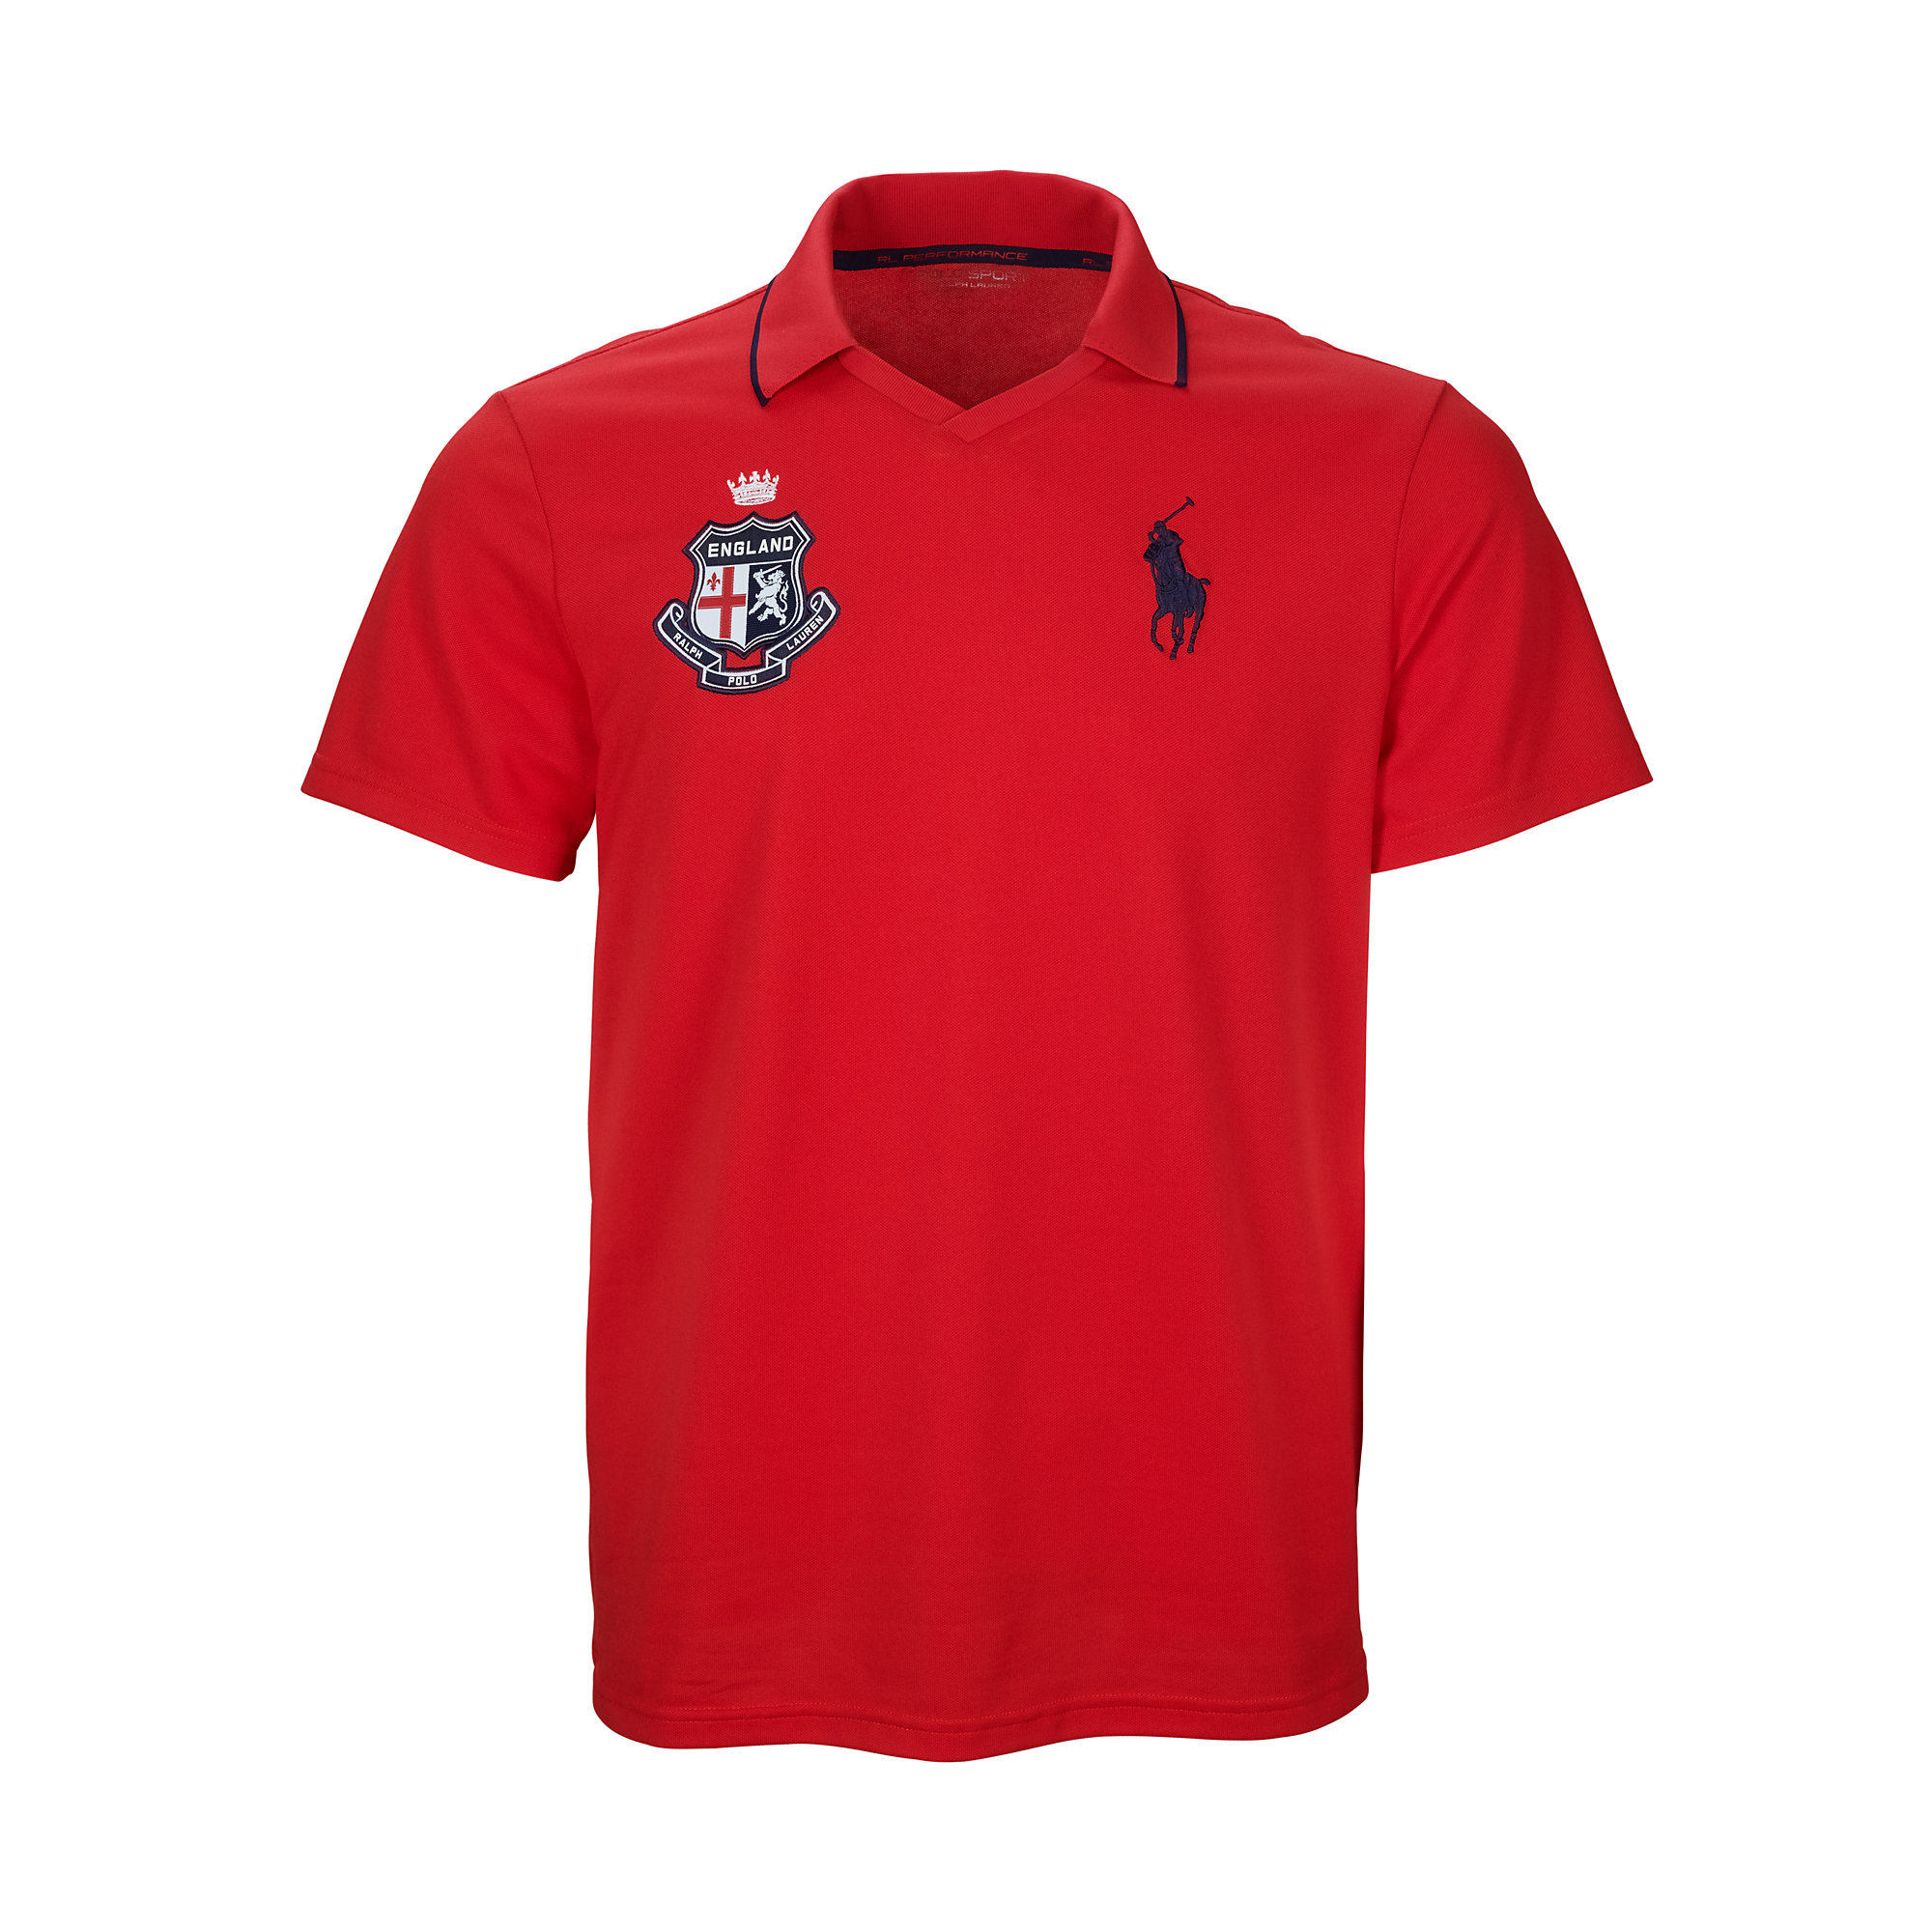 ralph polo shirt clipart best